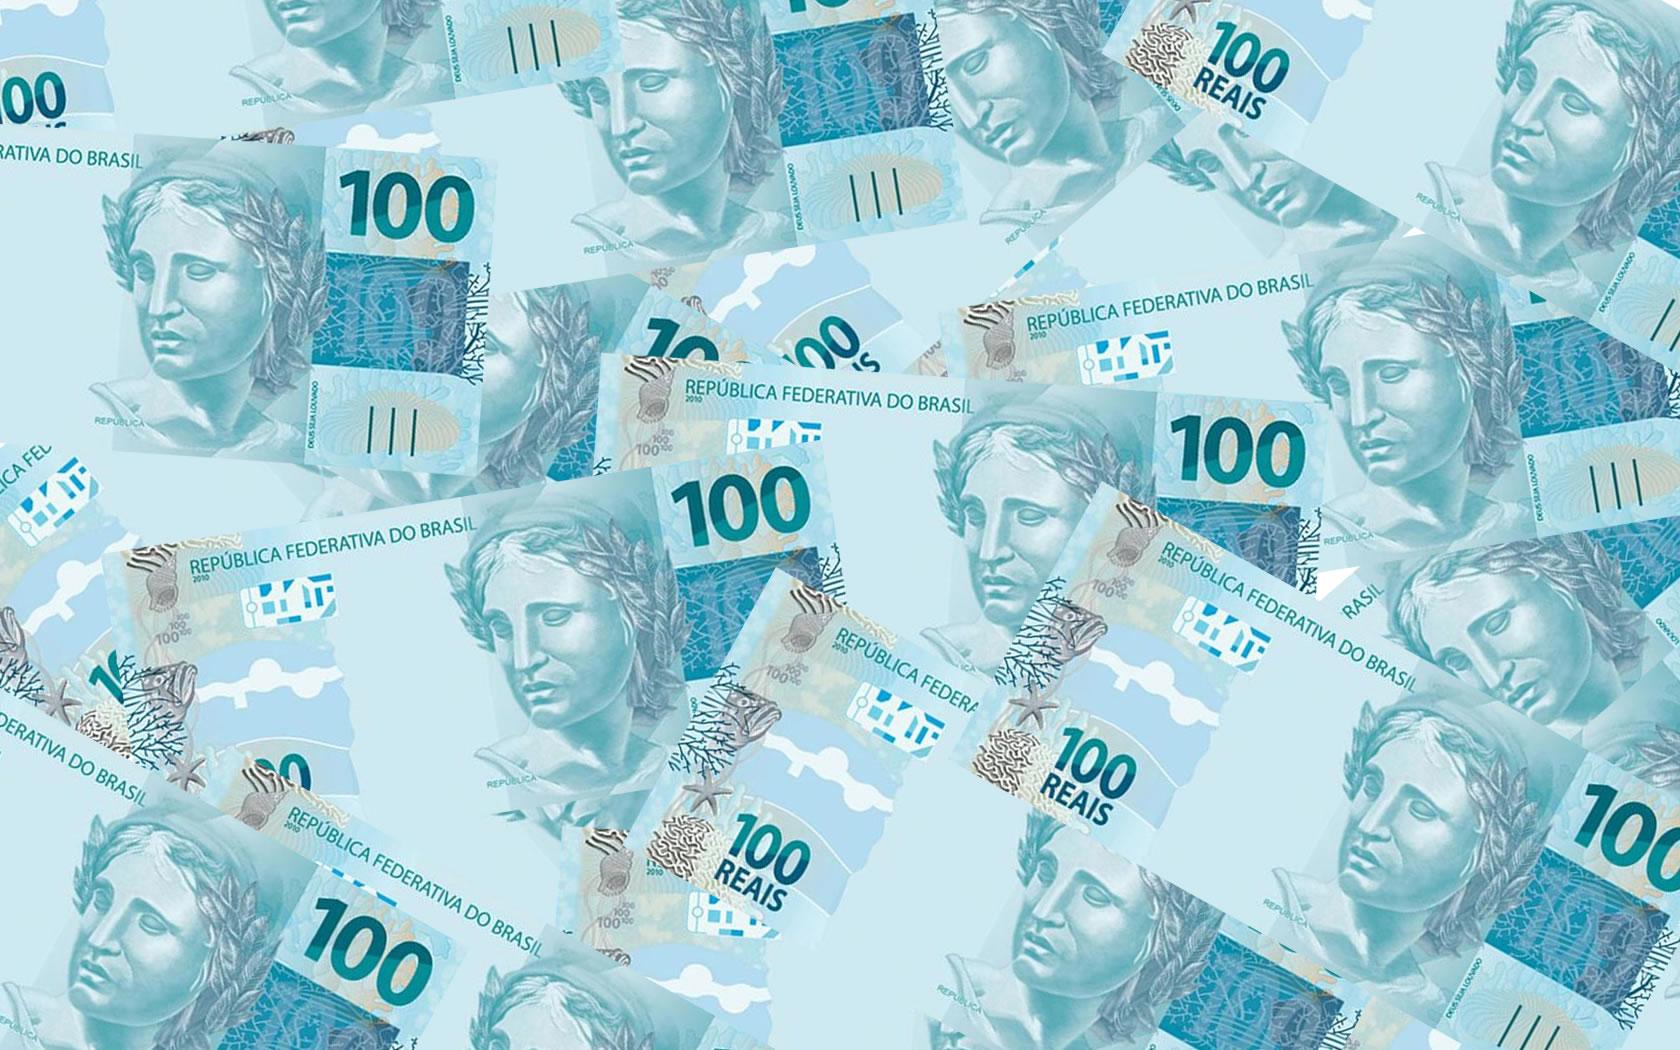 Jogos de poker online com dinheiro real